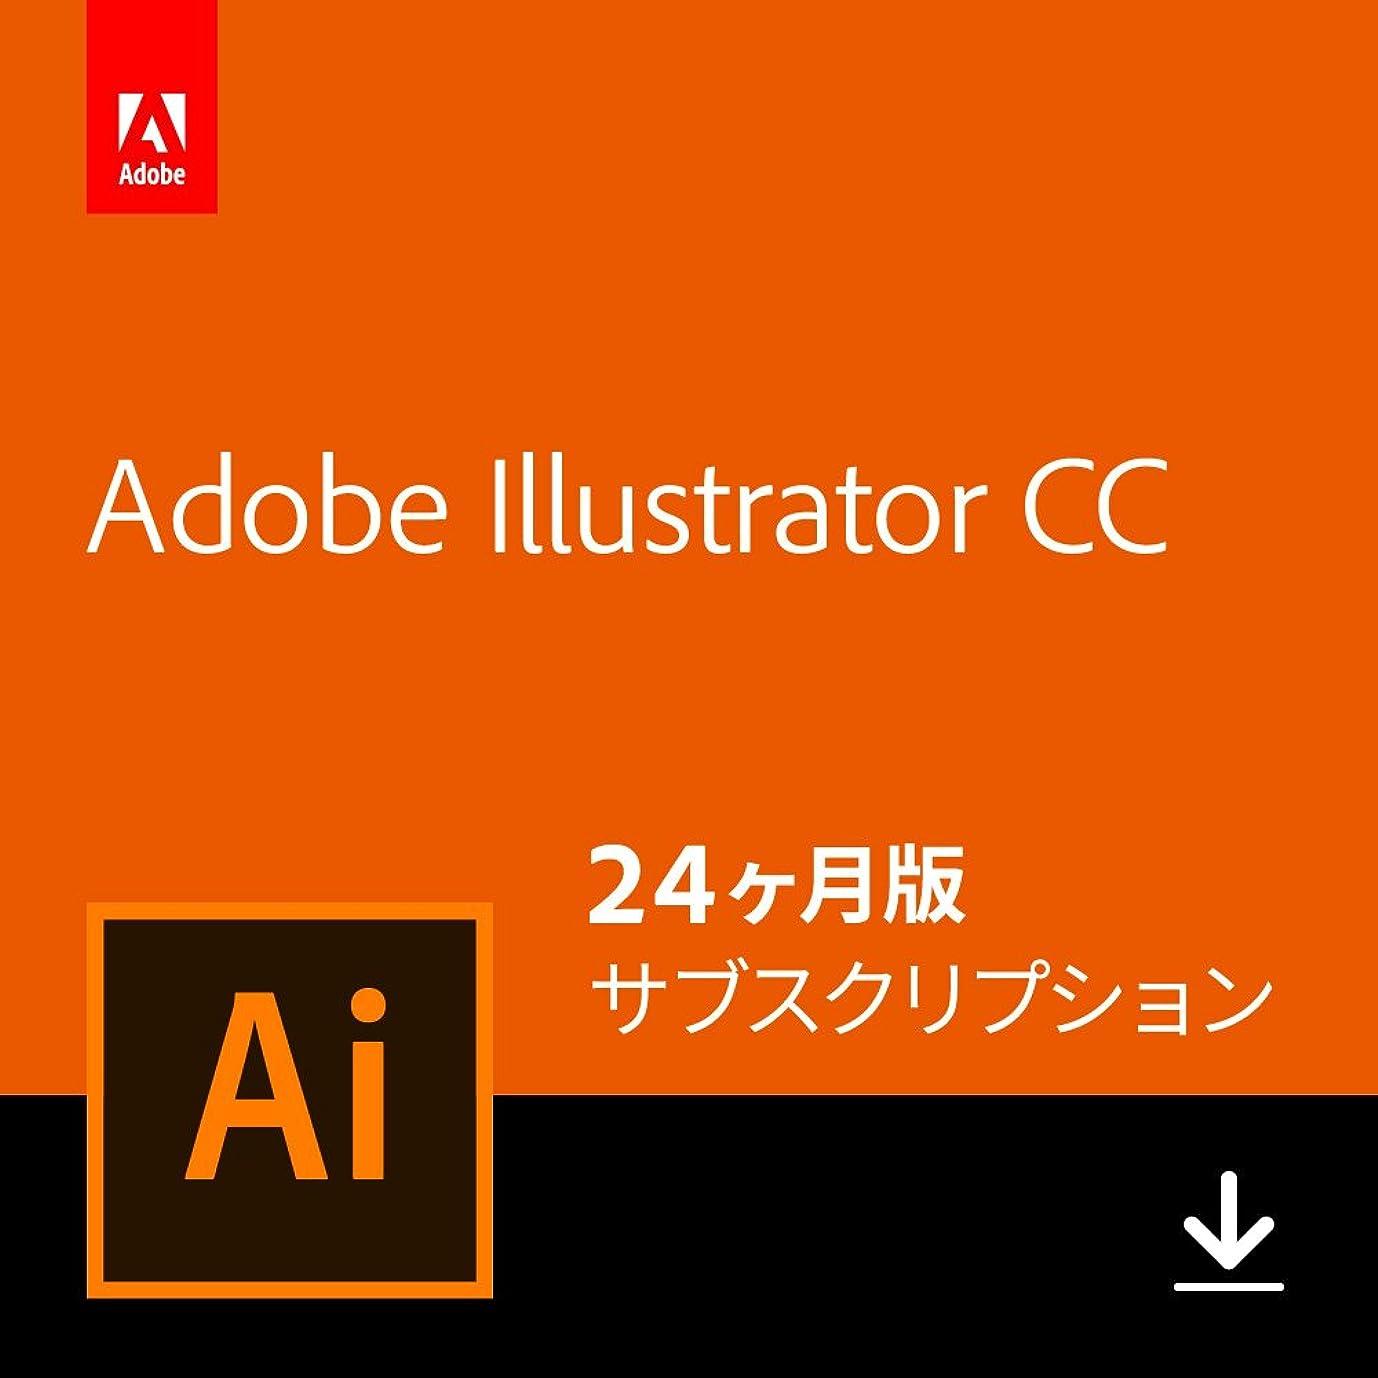 完璧合体絶縁するAdobe Illustrator CC|24か月版|Windows/Mac対応|オンラインコード版(Amazon.co.jp限定)